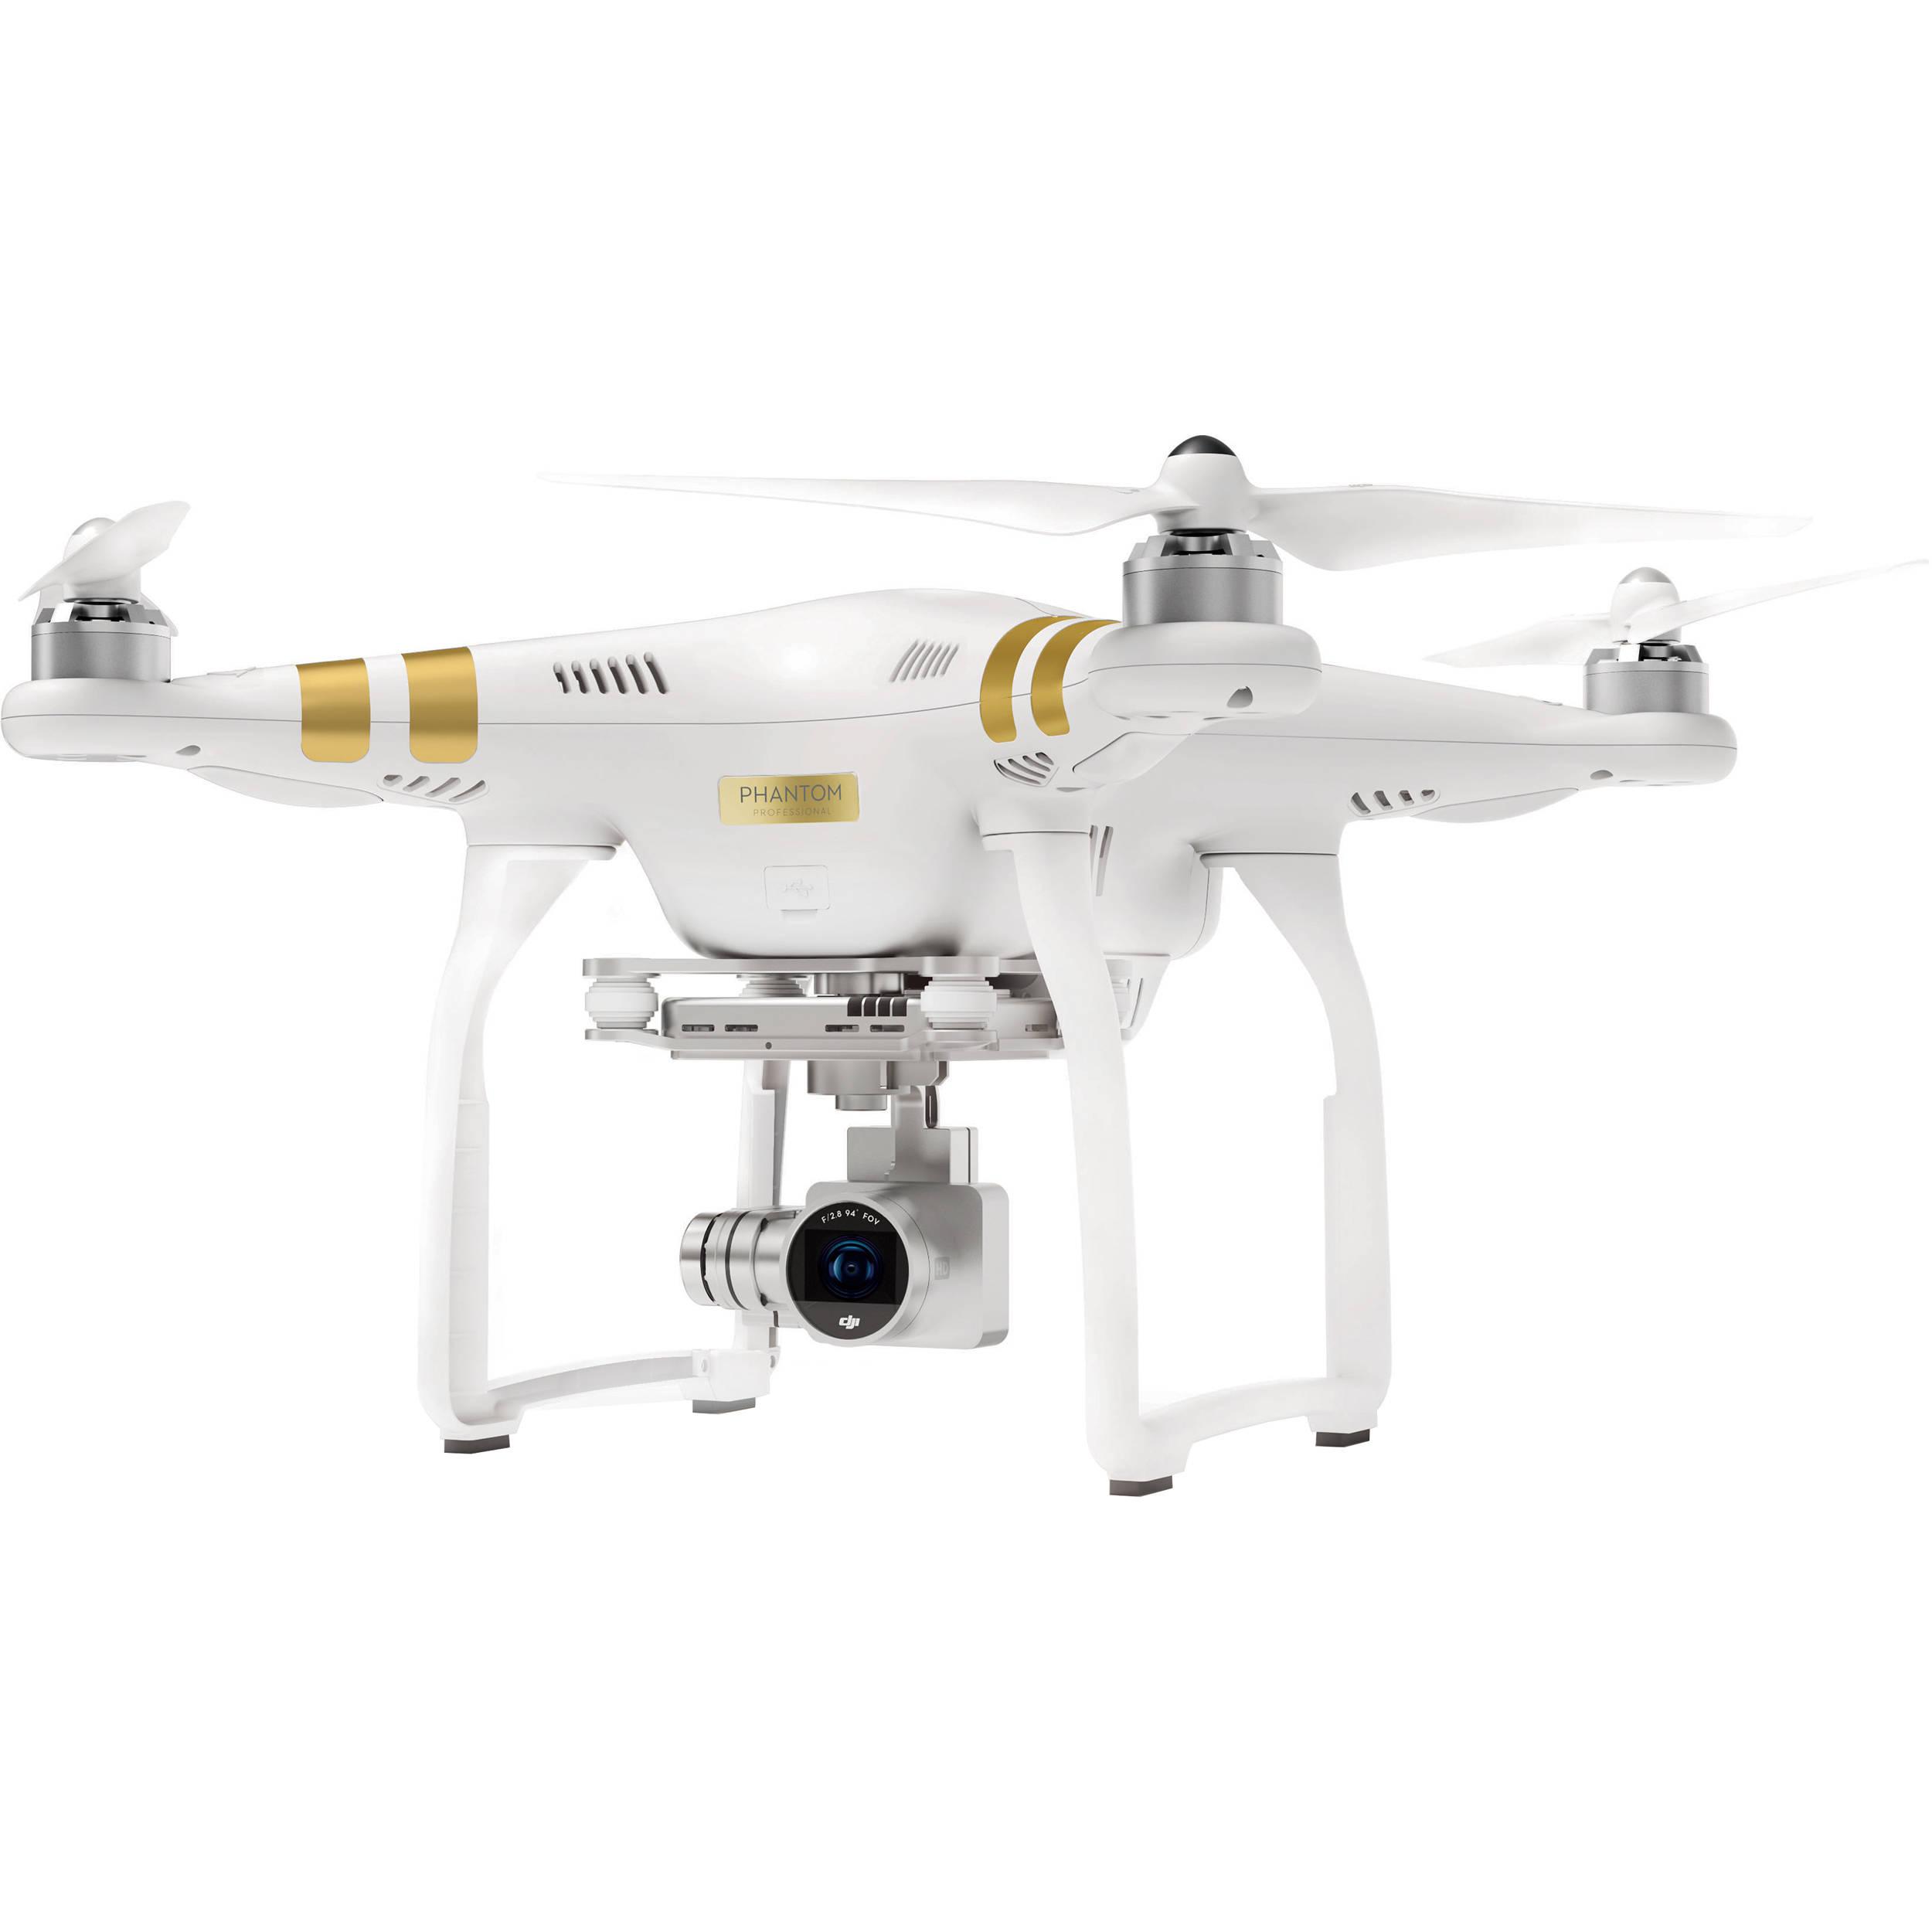 Dji phantom 3 professional gps drone 4k купить очки dji для вош в шахты